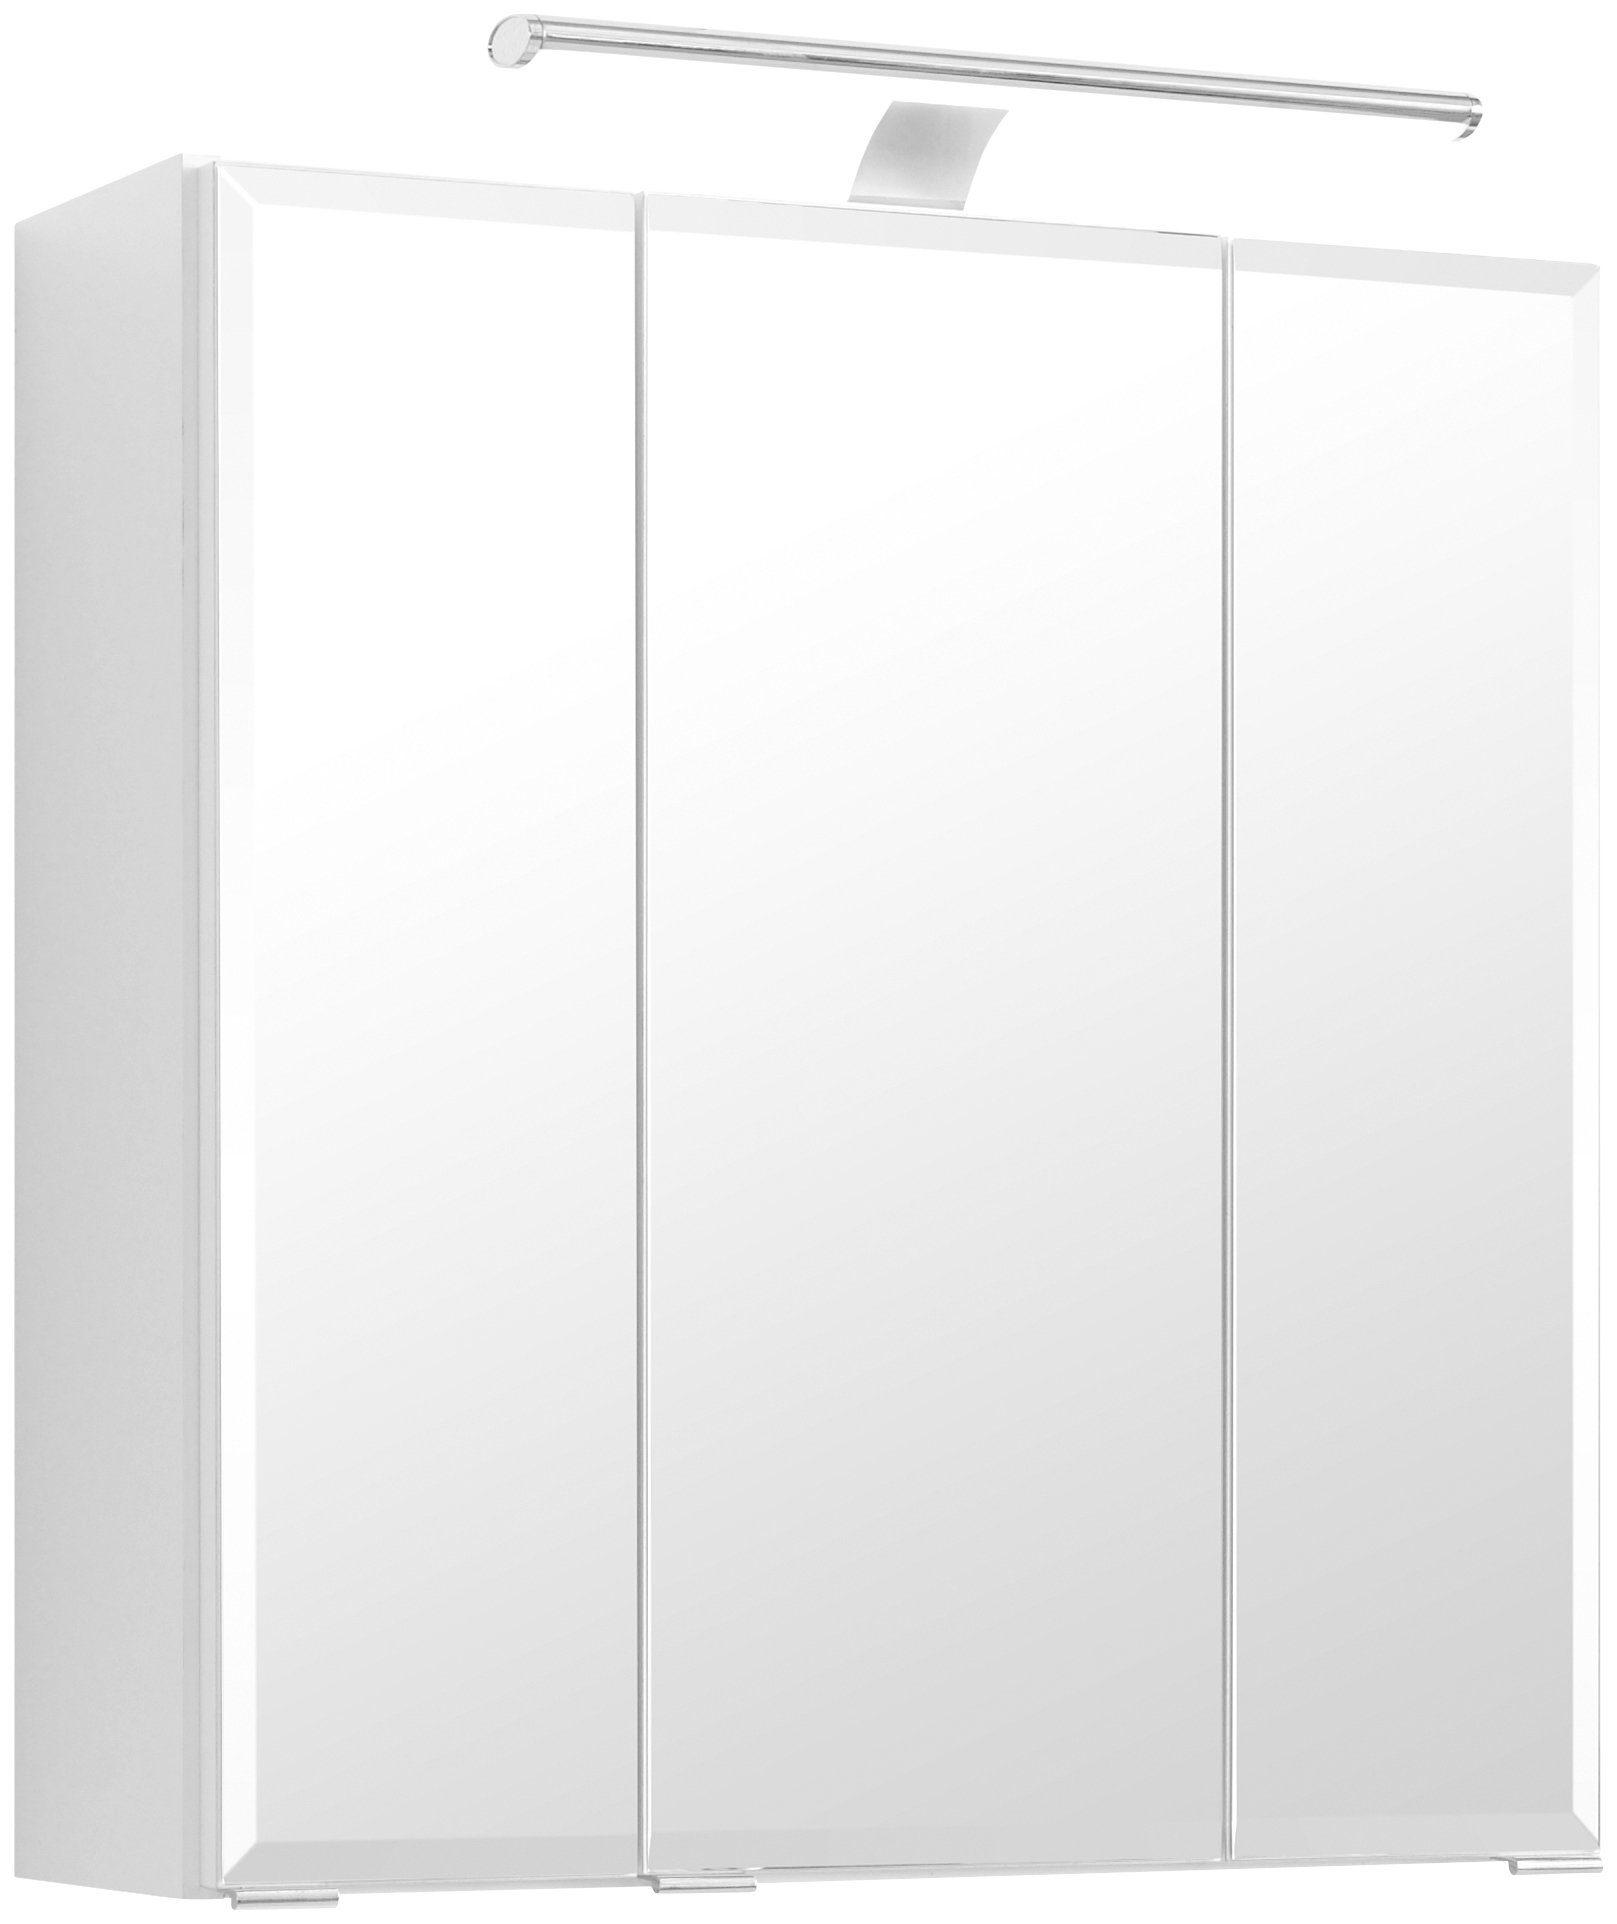 Held Möbel Spiegelschrank »Belluno« Breite 60 cm, mit LED-Beleuchtung